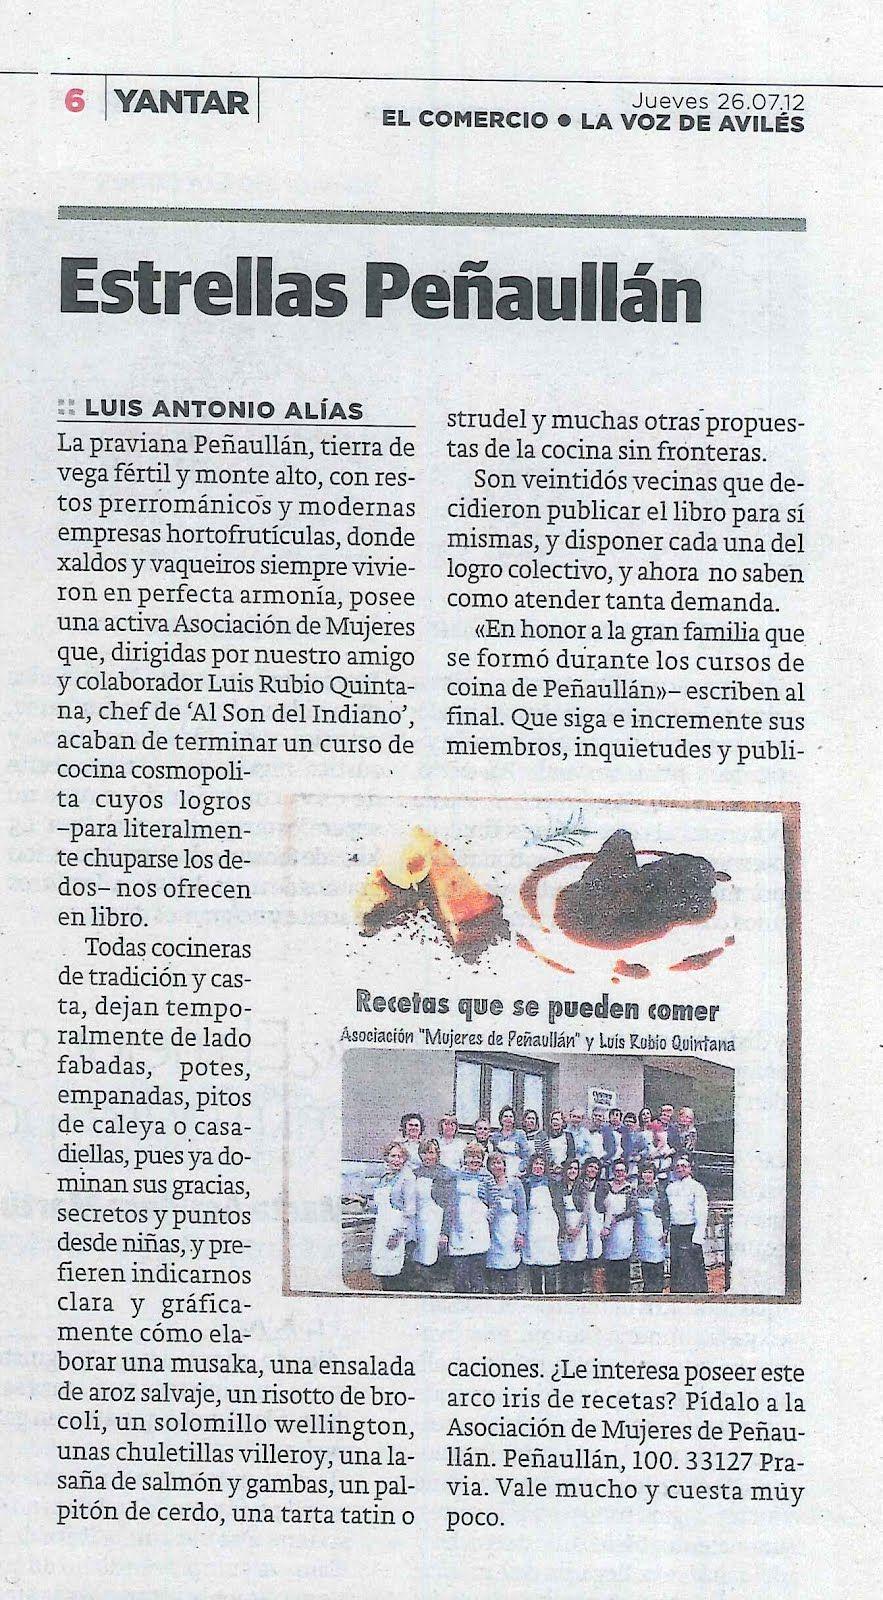 Reportaje Aparecido En El Comercio Dentro De La Sección Yantar Words Word Search Puzzle Event